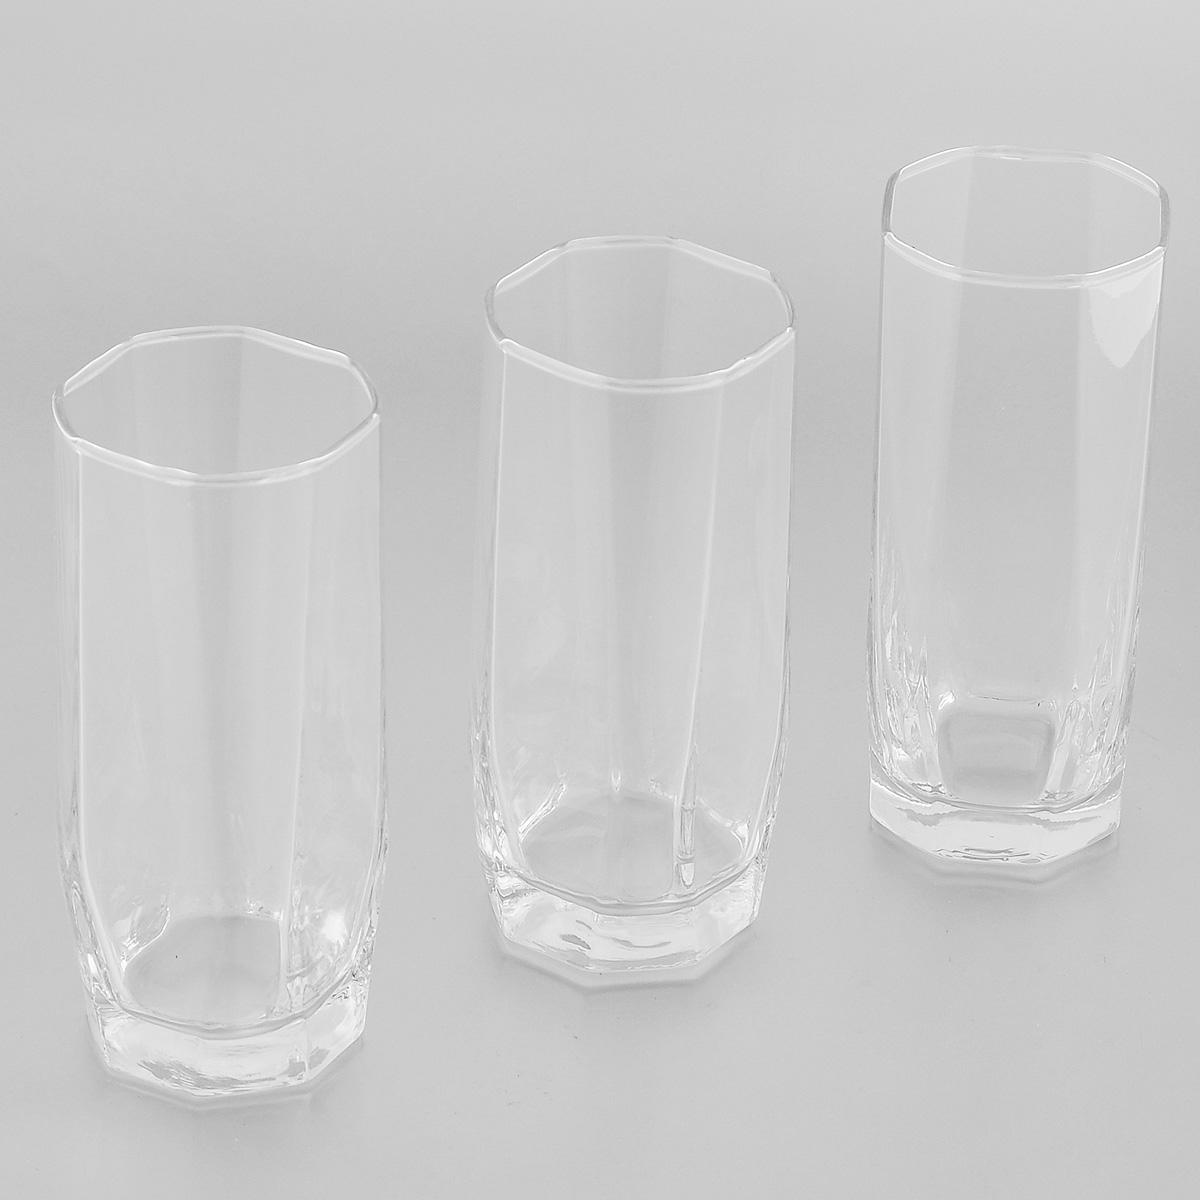 Набор стаканов для коктейлей Pasabahce Hisar, 275 мл, 3 шт42859BНабор Pasabahce Hisar состоит из трех стаканов, выполненных из прочного натрий-кальций-силикатного стекла. Изделия имеют утолщенное дно. Набор предназначен для подачи коктейлей. Стаканы сочетают в себе элегантный дизайн и функциональность. Благодаря такому набору пить напитки будет еще вкуснее. Набор стаканов Pasabahce Hisar прекрасно оформит праздничный стол и создаст приятную атмосферу за ужином. Такой набор также станет хорошим подарком к любому случаю. Можно мыть в посудомоечной машине и использовать в микроволновой печи. Диаметр стакана (по верхнему краю): 5,5 см. Высота стакана: 14 см.